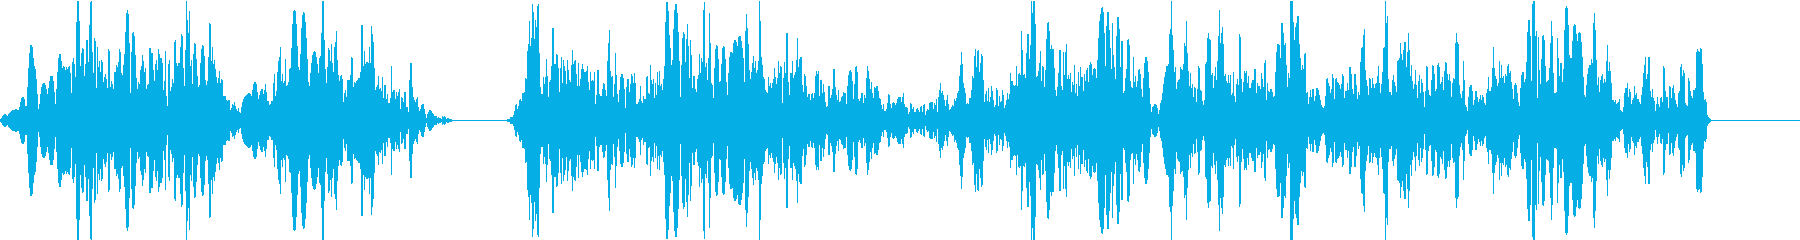 TVFX POPなザッピング音 7の再生済みの波形